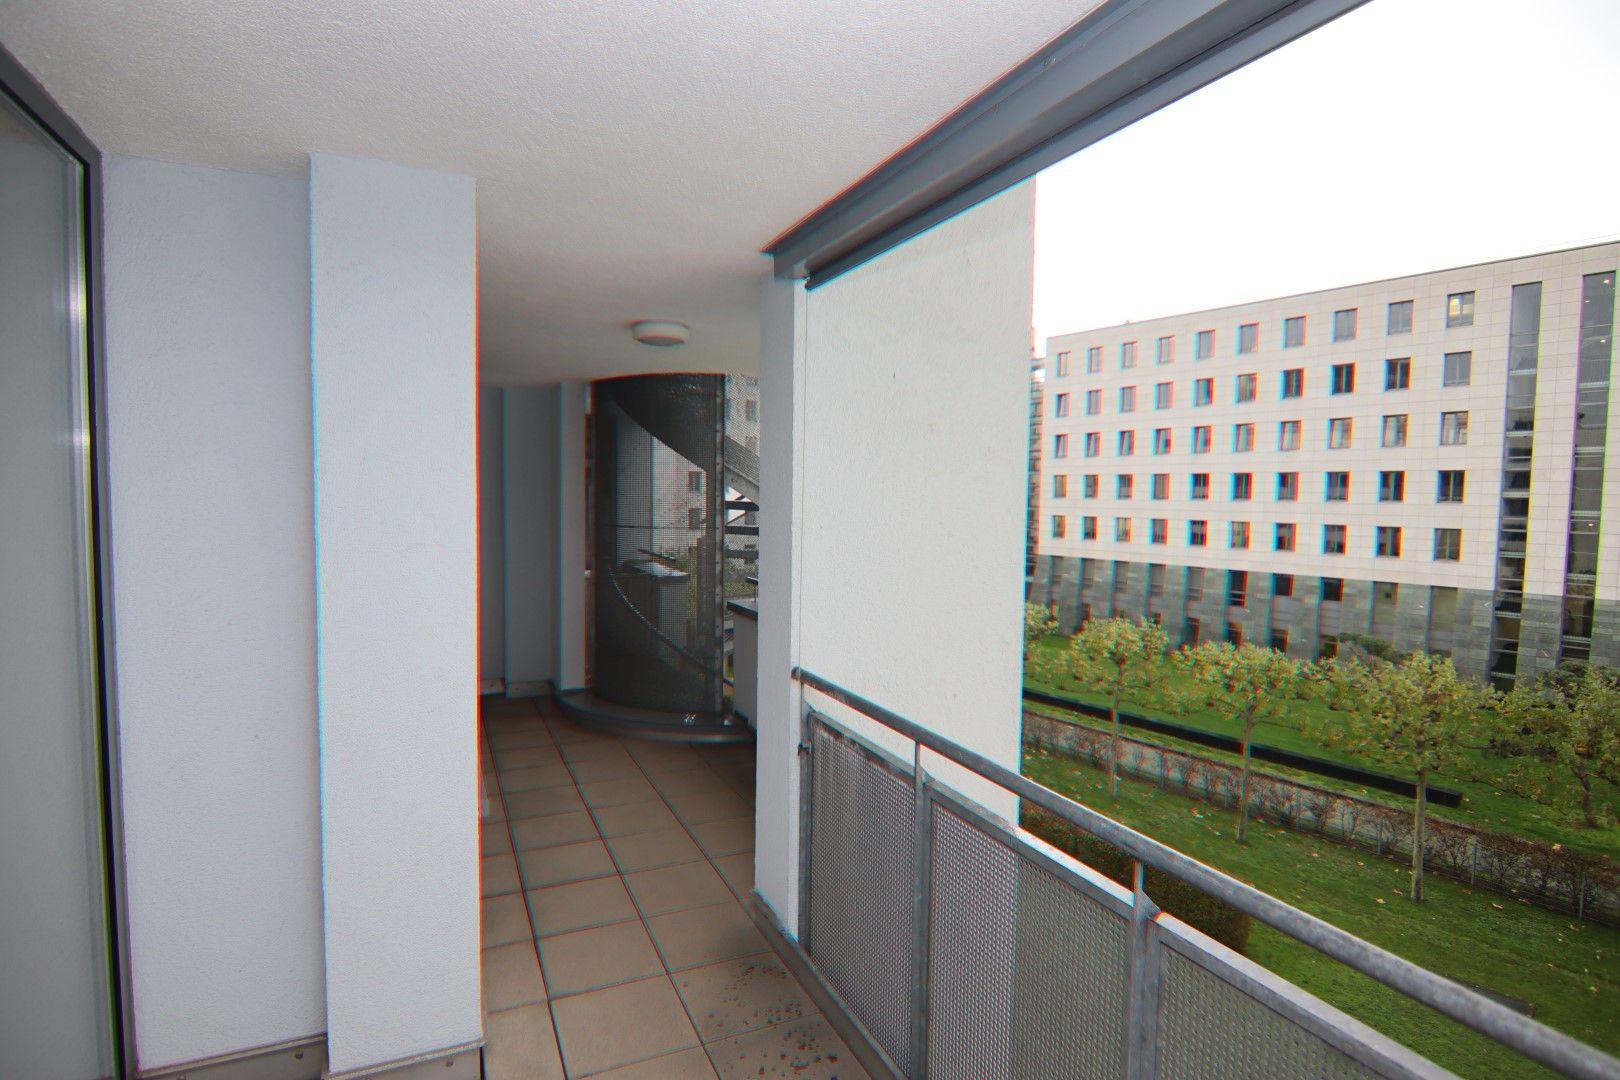 Immobilie Nr.0280 - 2-RAUM-WOHNUNG mit Wintergarten, Stellplatz und Einbauküche  - Bild 6.jpg